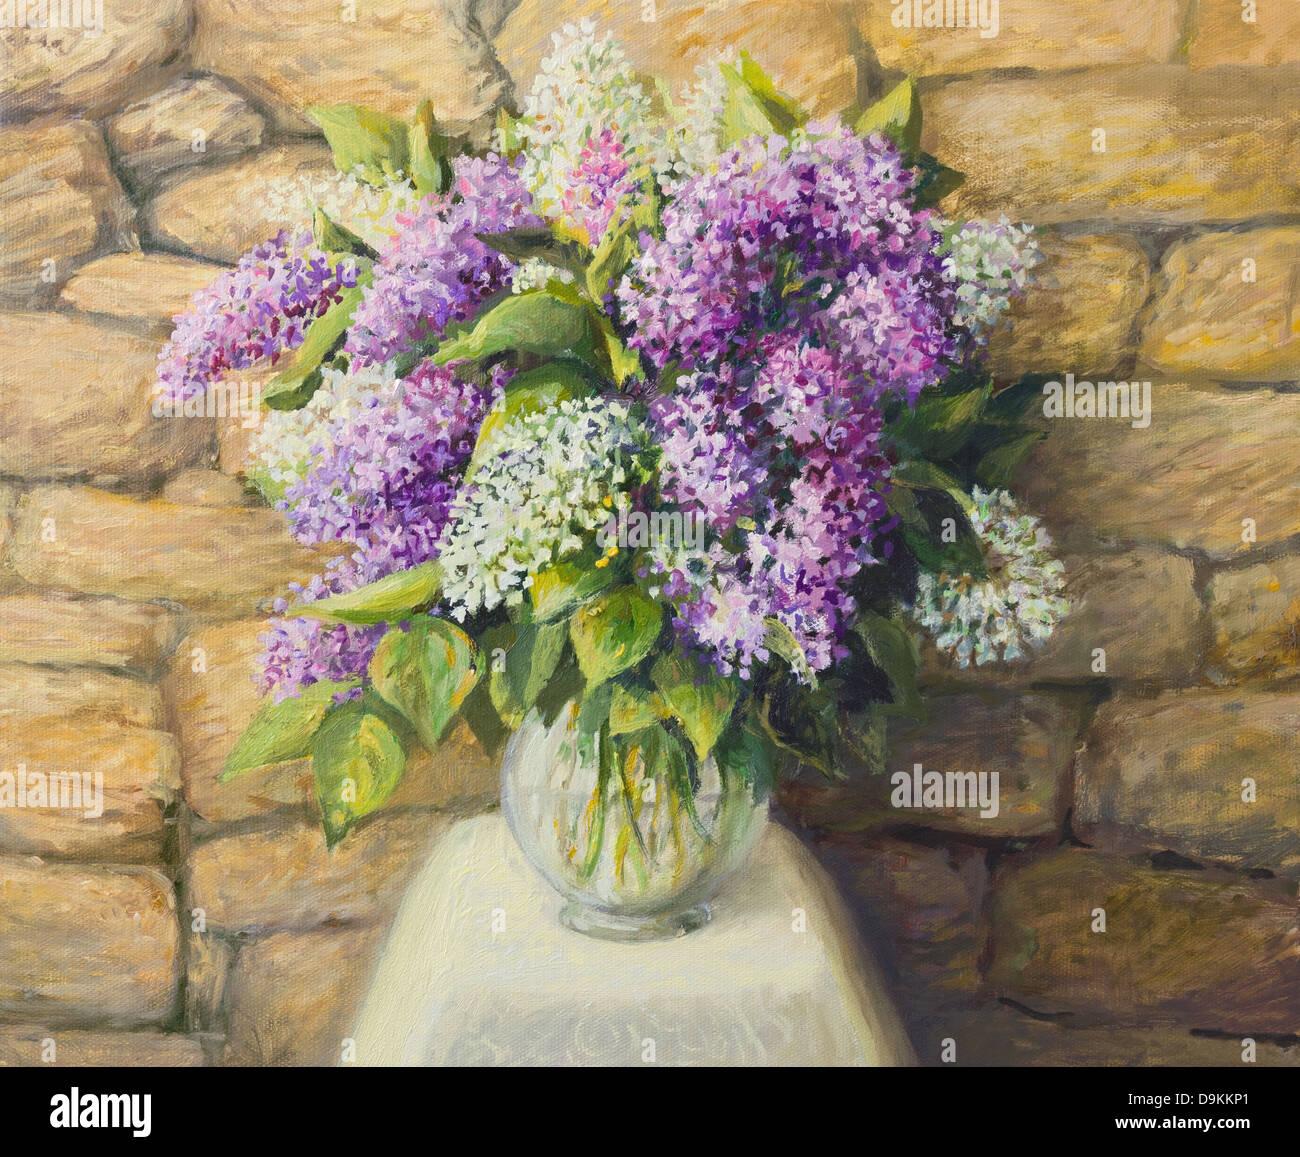 Un dipinto ad olio su tela di una splendida vita ancora con la fioritura di lillà in un bel vaso di vetro su Immagini Stock